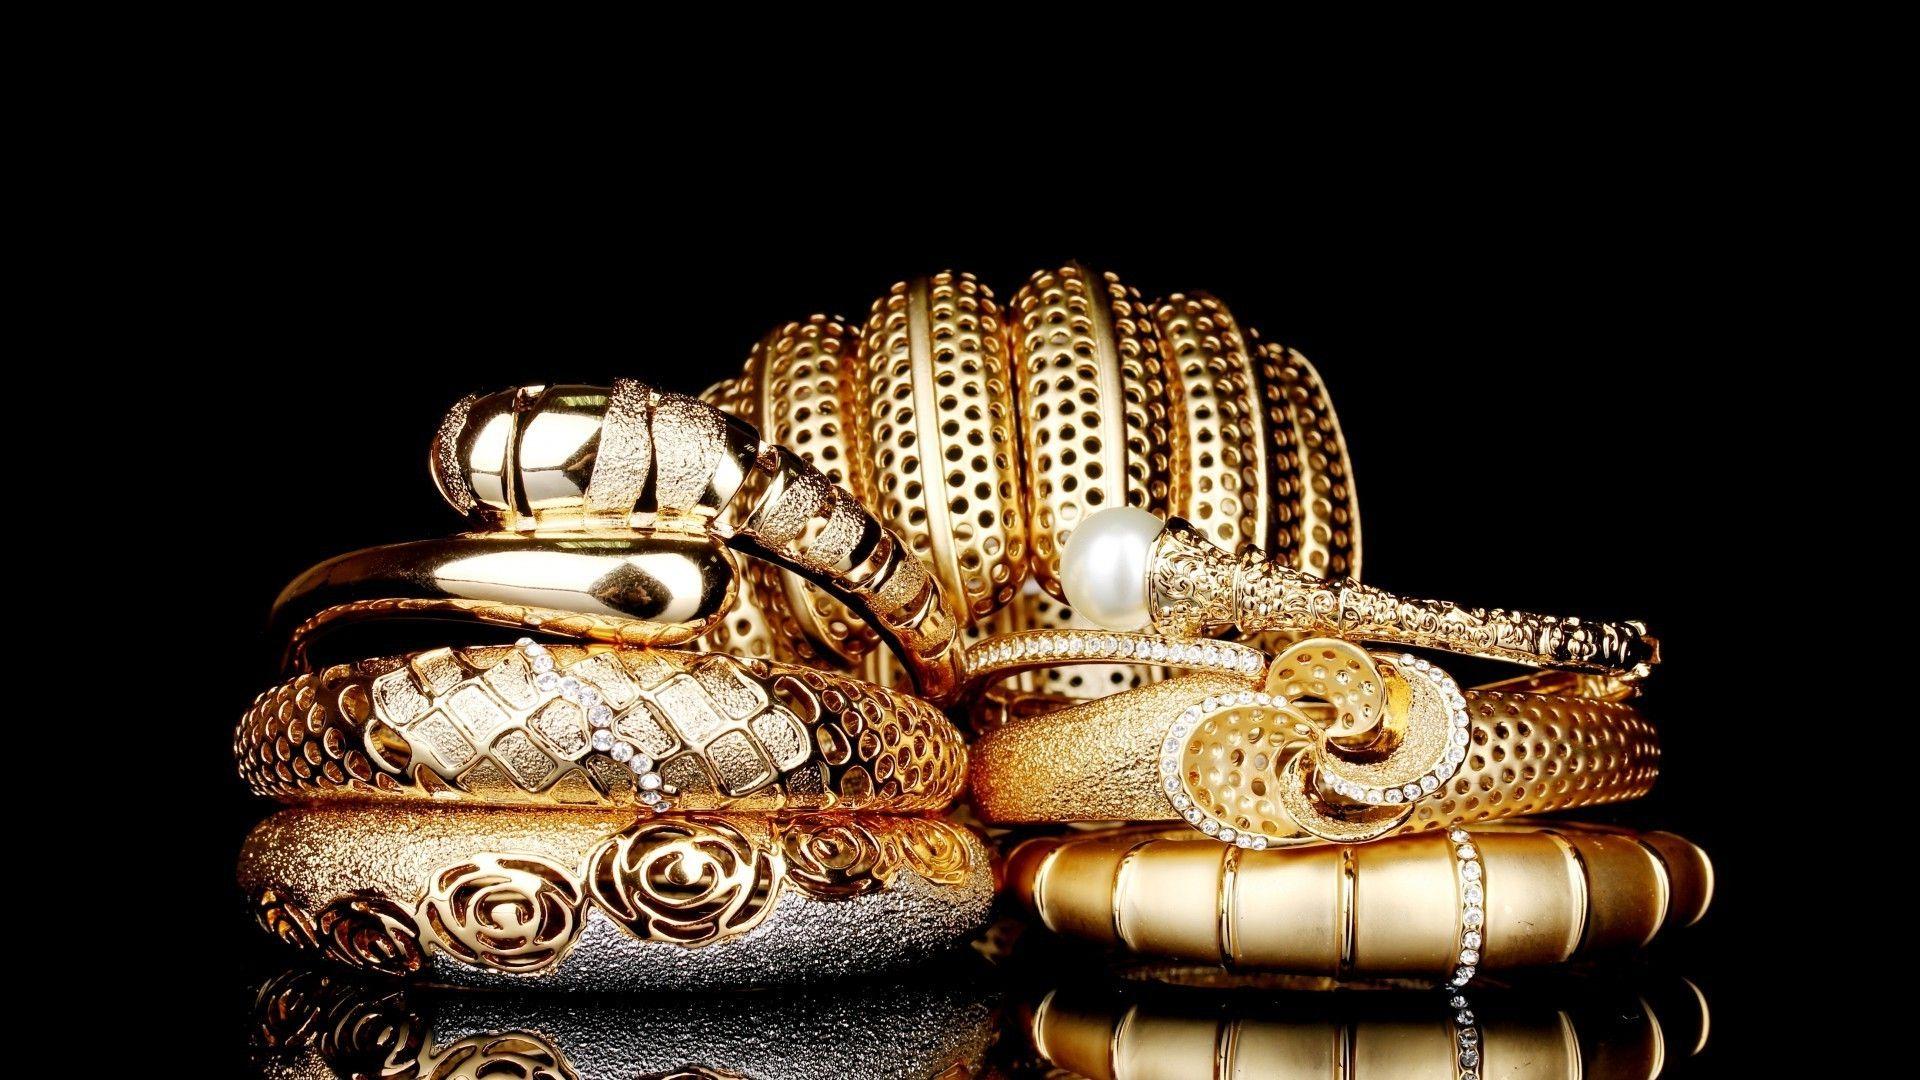 Золотые украшения на чёрном фоне